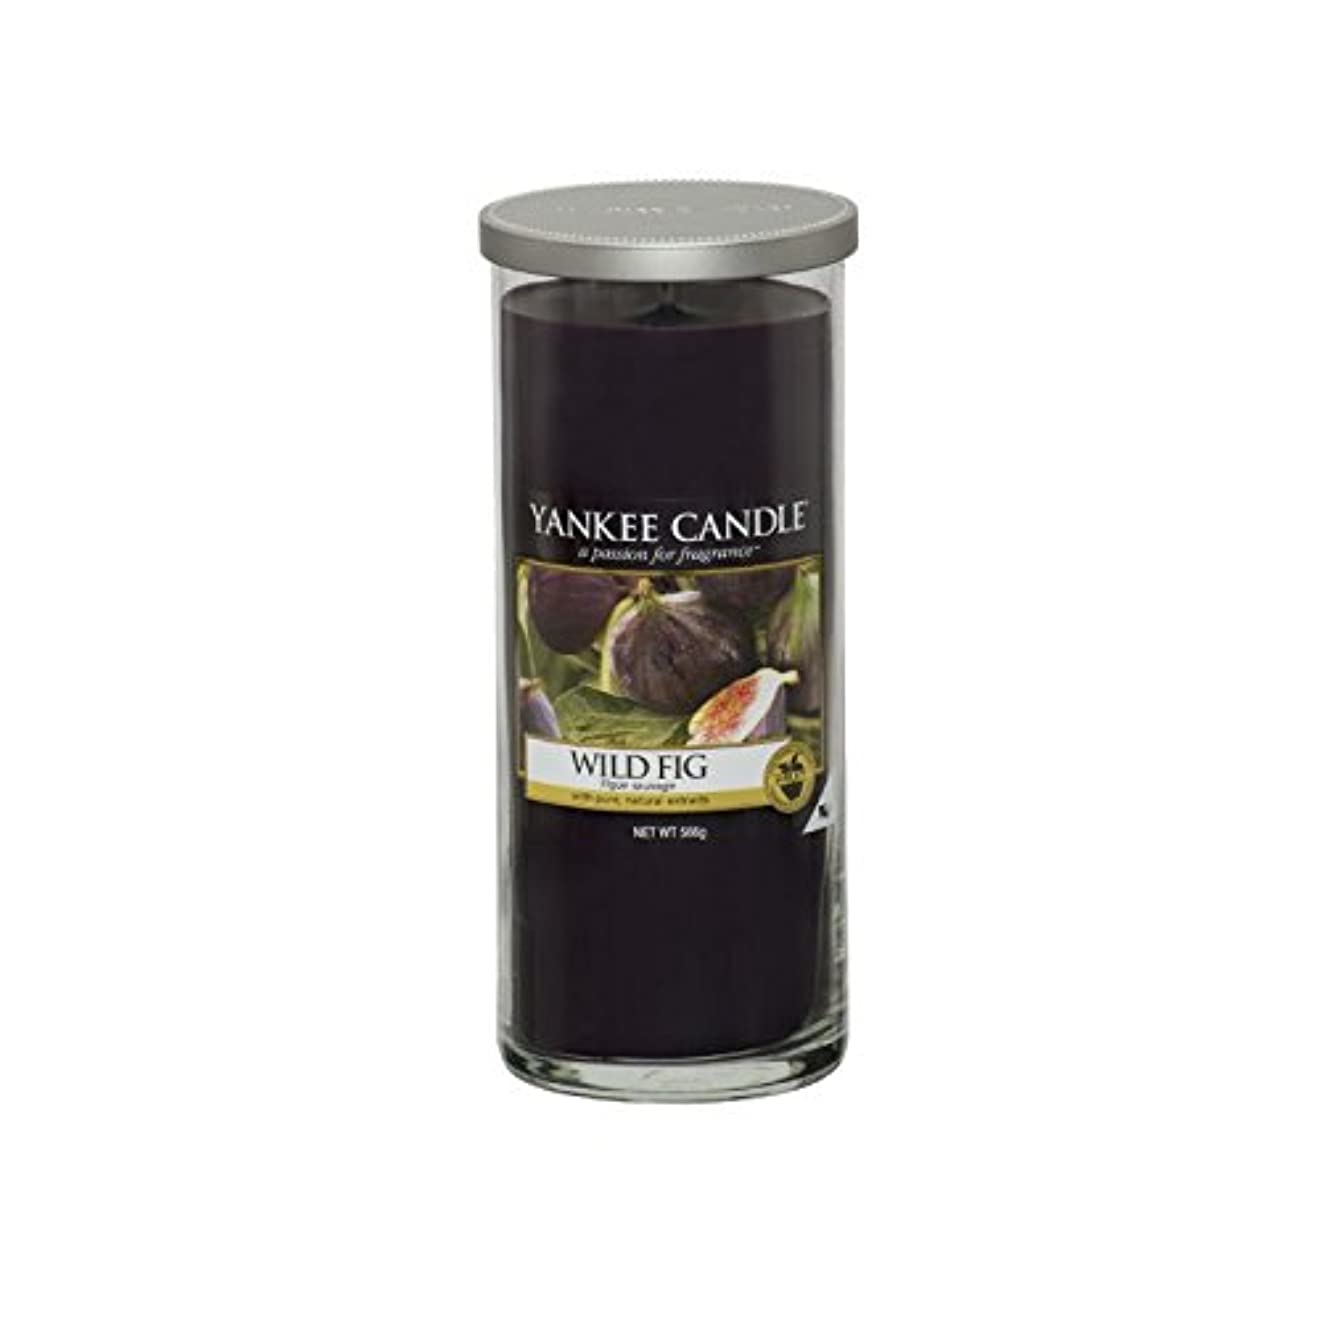 飽和する交響曲雑草ヤンキーキャンドル大きな柱キャンドル - 野生のイチジク - Yankee Candles Large Pillar Candle - Wild Fig (Yankee Candles) [並行輸入品]